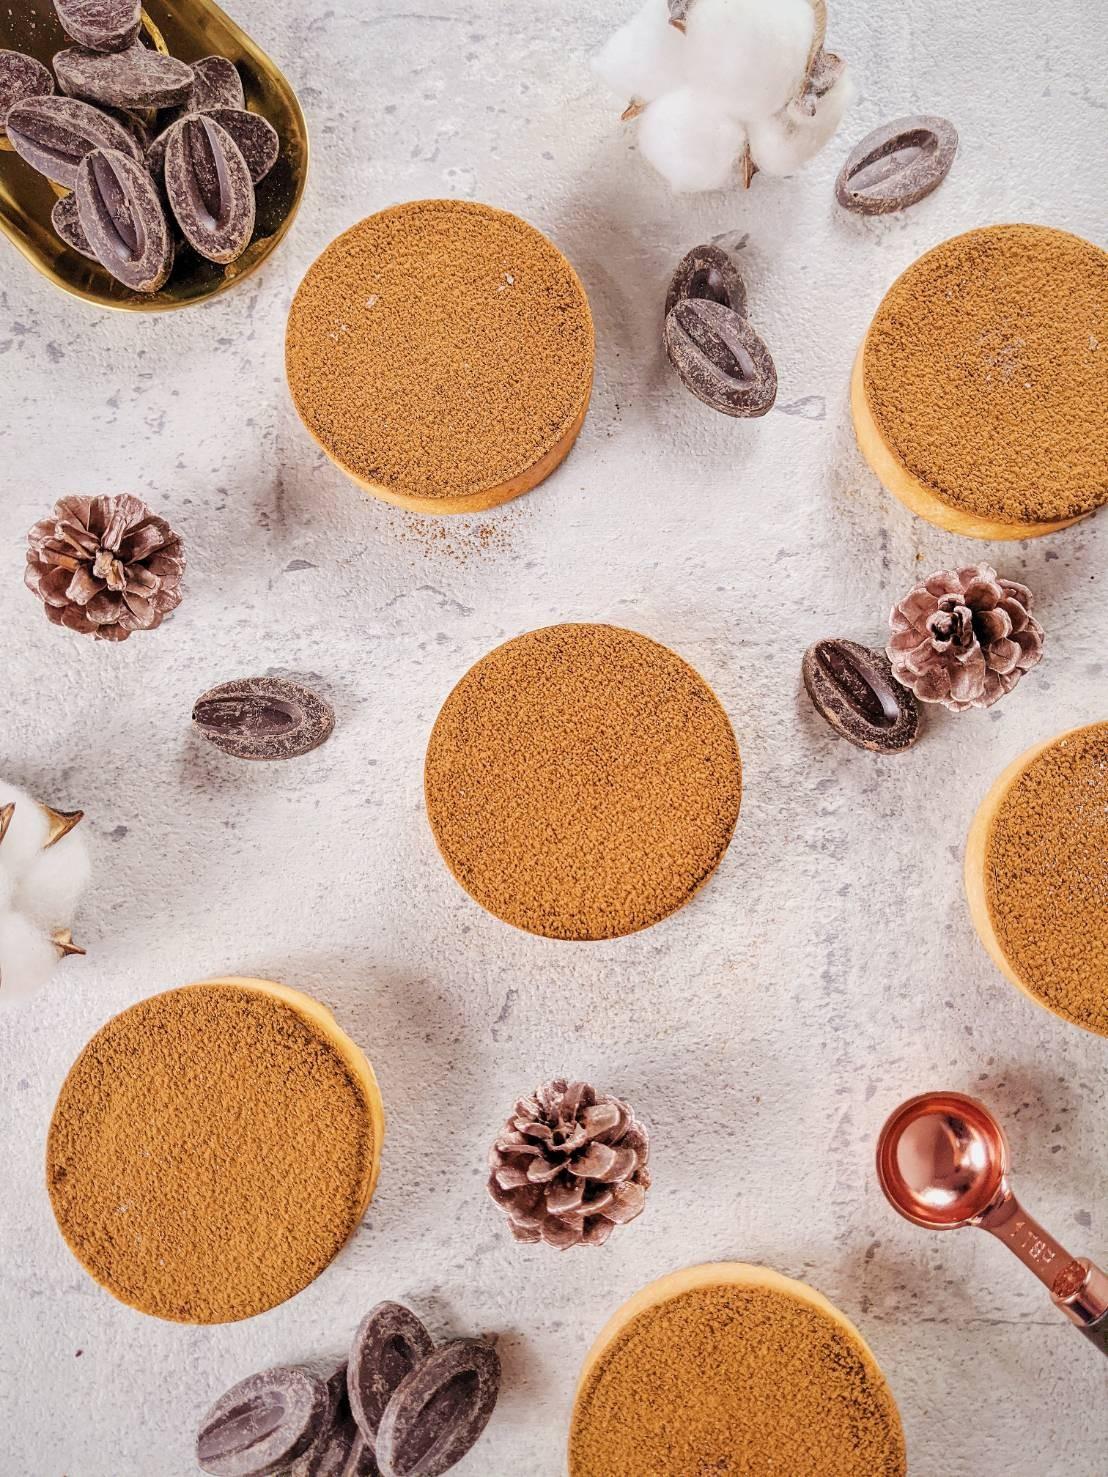 伯爵法芙娜生巧塔/3吋  #伯爵 #法芙娜巧克力 #生巧克力 #甜塔 #法式甜塔   #蛋奶素